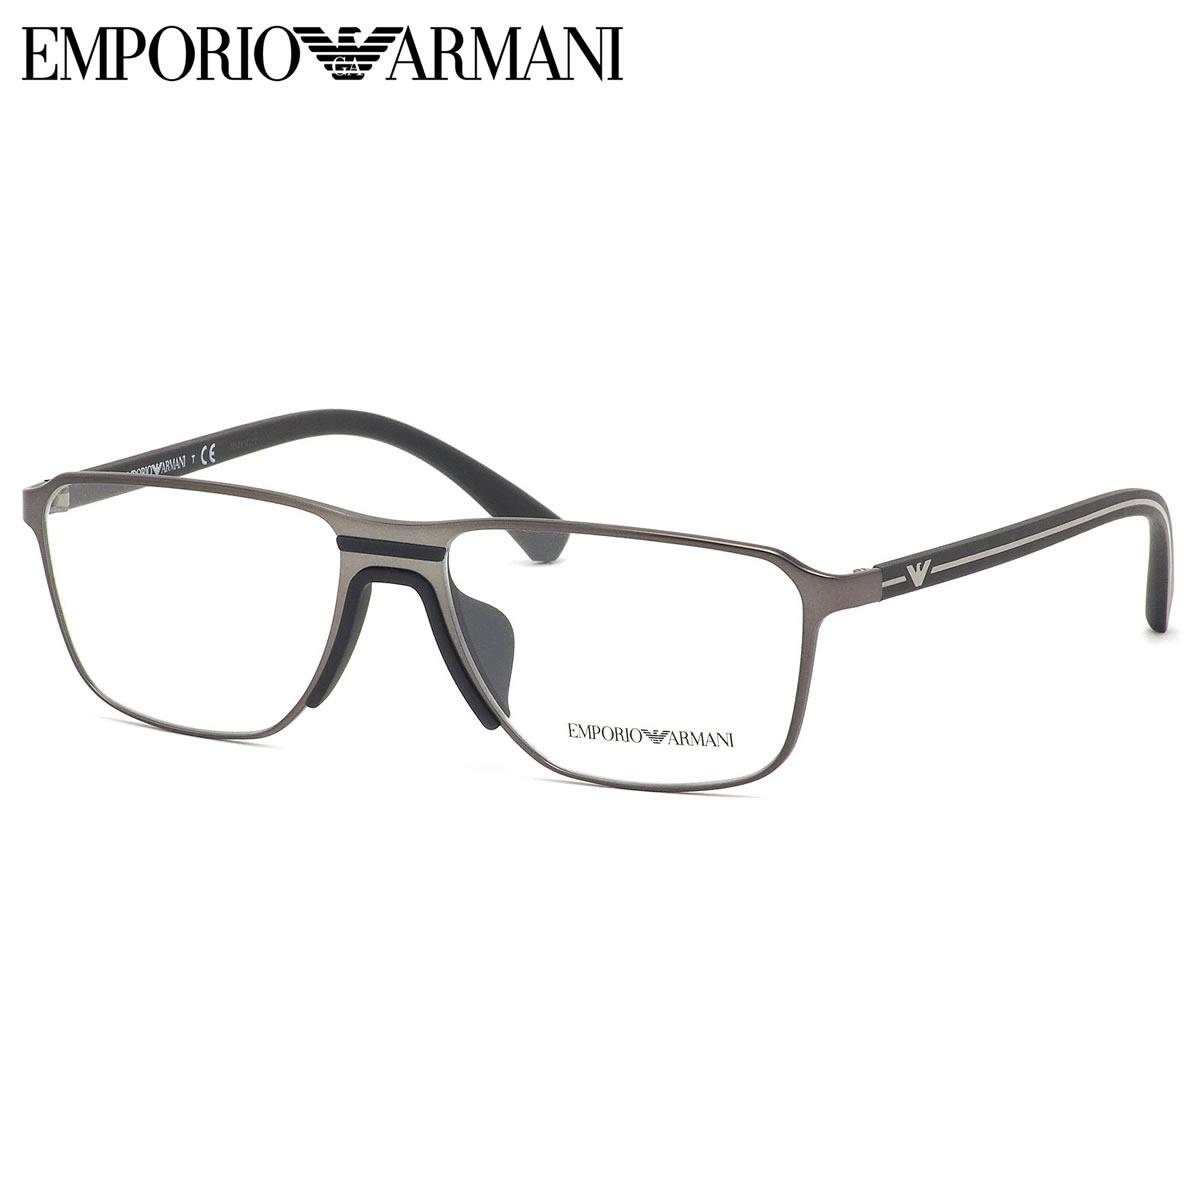 エンポリオアルマーニ EMPORIO ARMANI メガネ EA1089F 3266 56サイズ スクエア シャープ スポーティ スマート マット ガンメタル かっこいい エンポリオアルマーニEMPORIOARMANI メンズ レディース